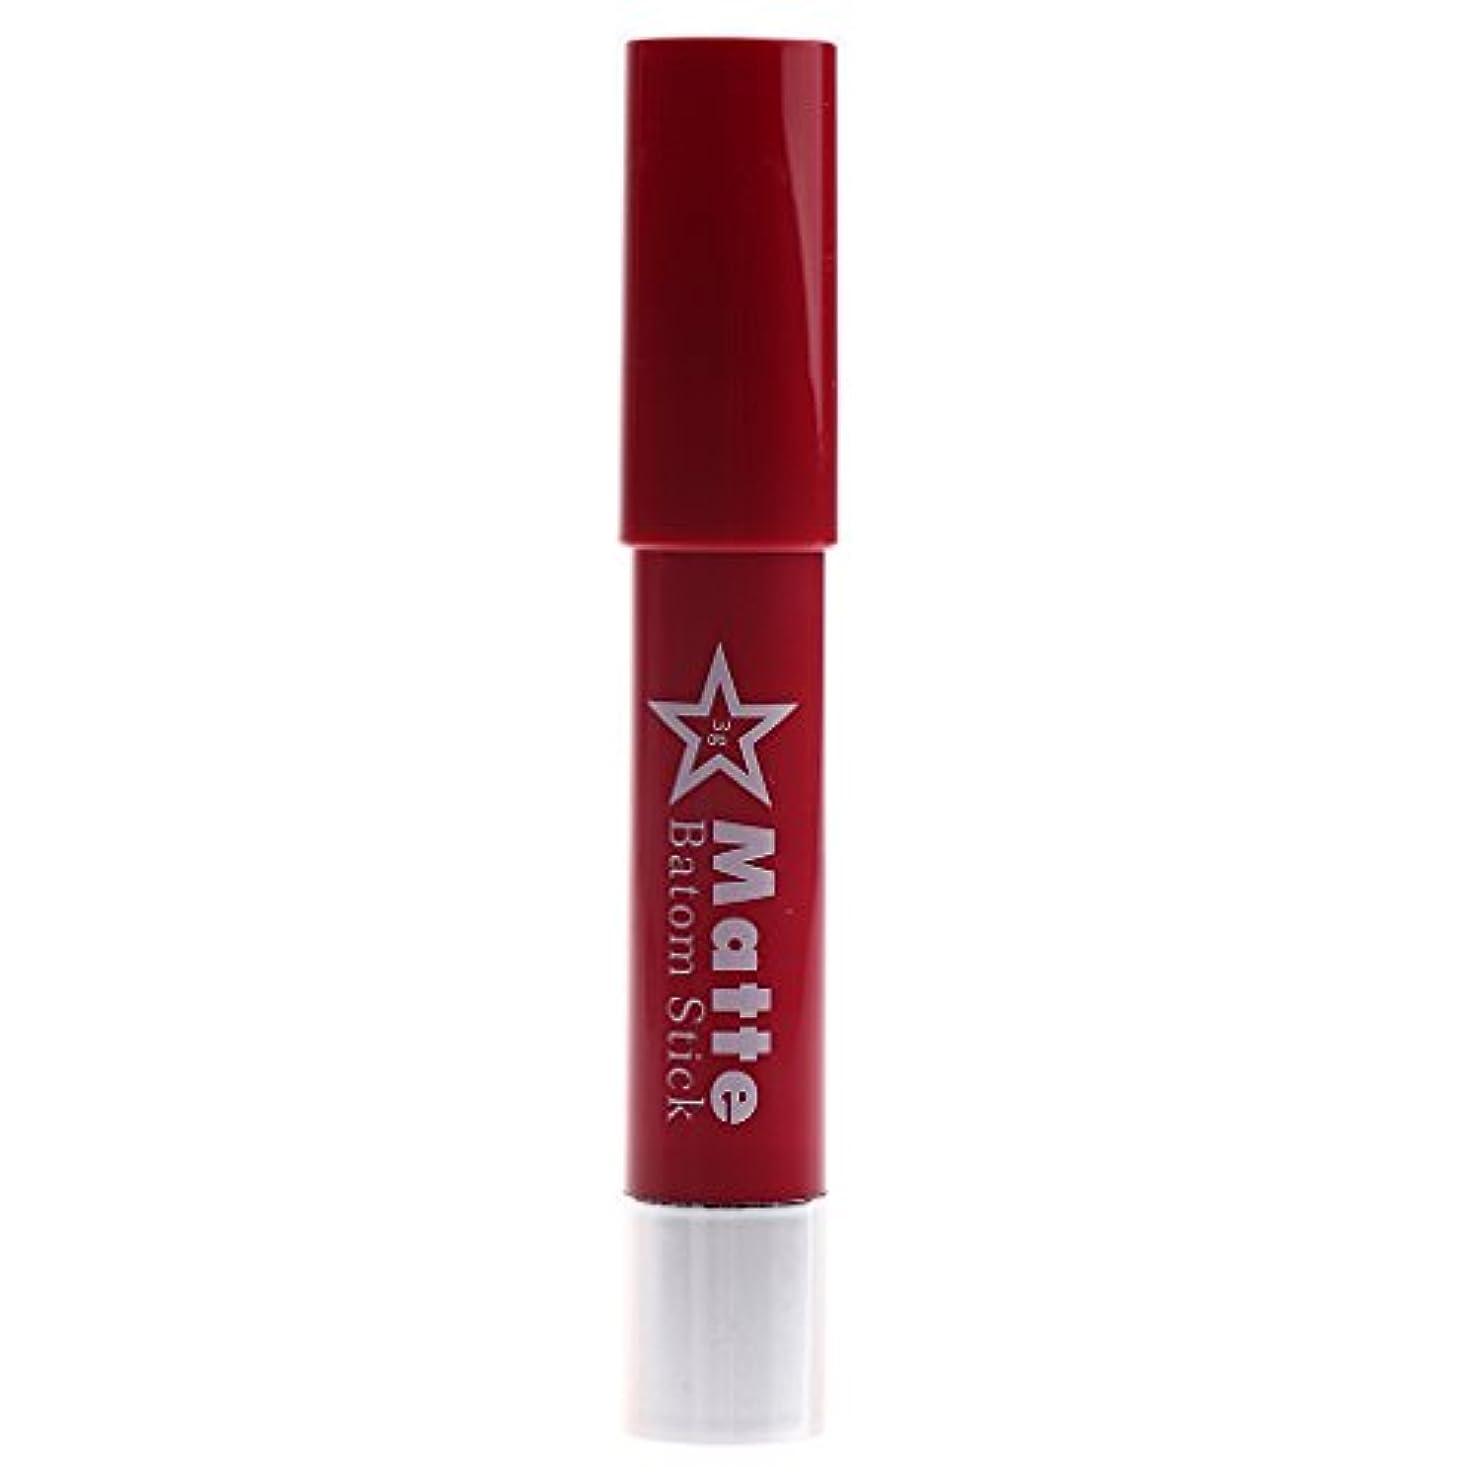 護衛人工社説長時間の防水リップペンシルマットベルベット口紅リップグロス化粧品